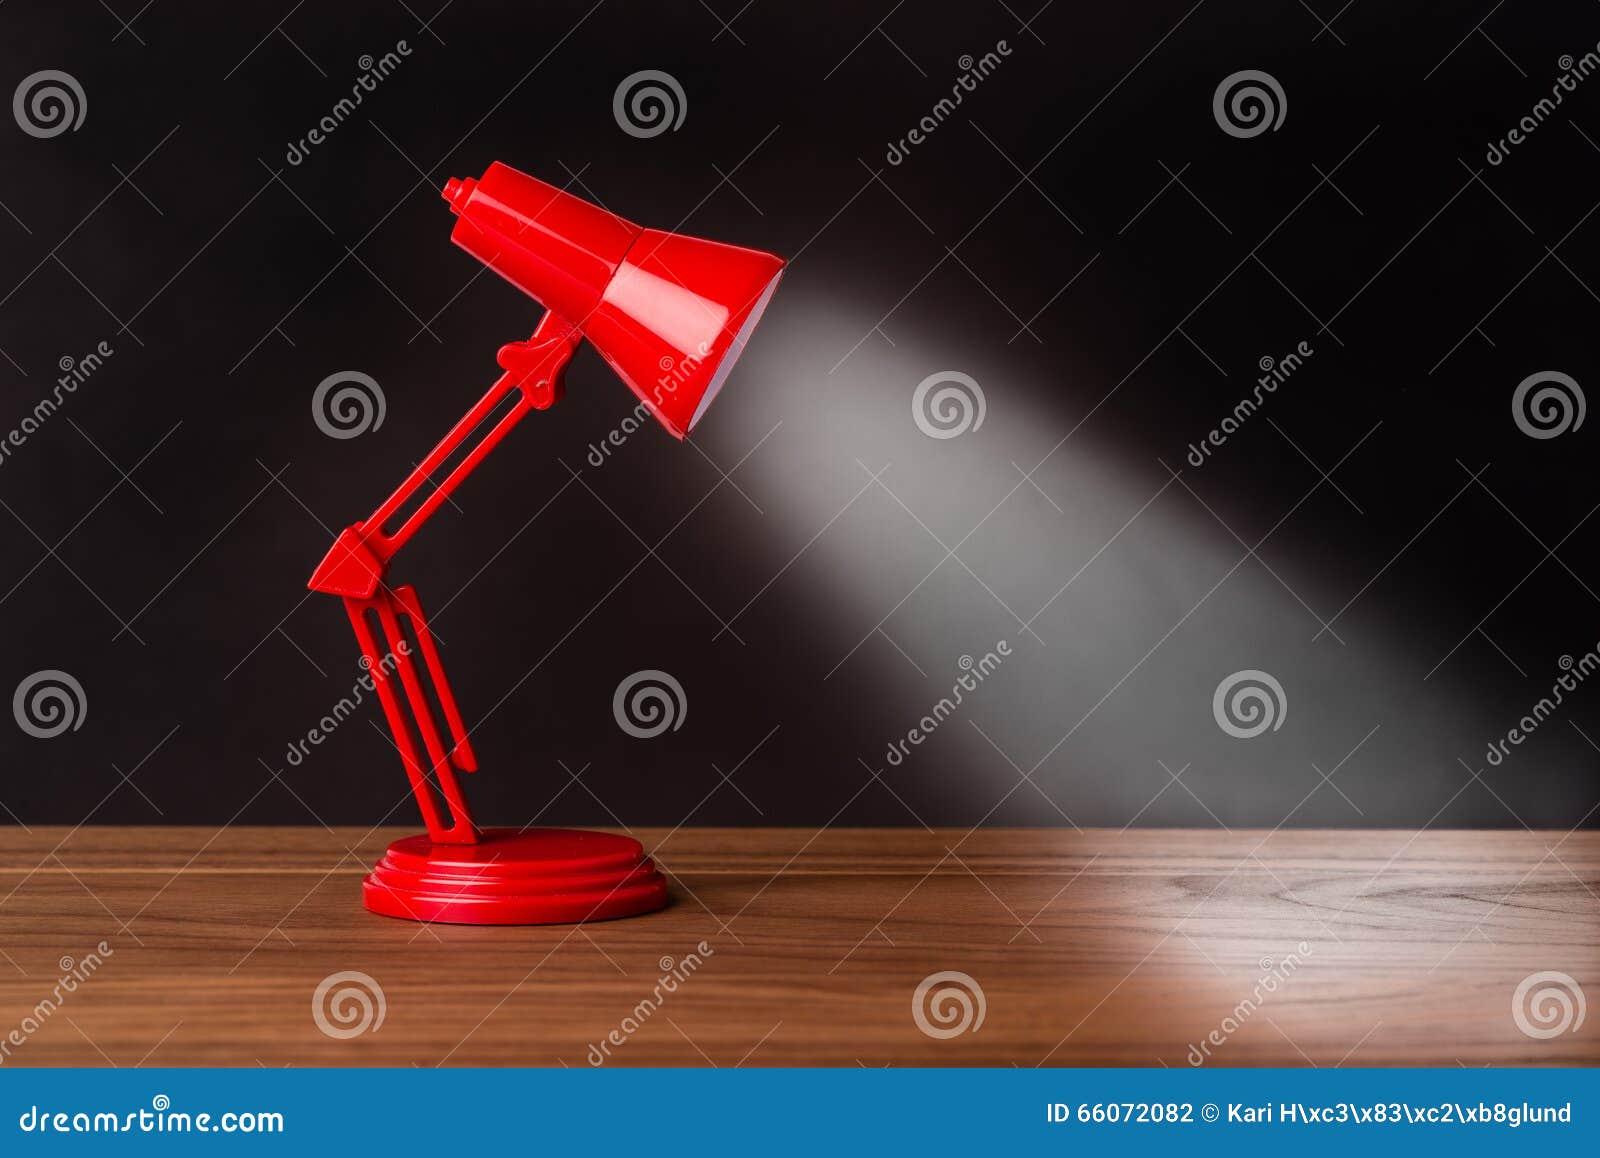 Lampe rouge en métal sur un bureau en bois avec le fond noir photo